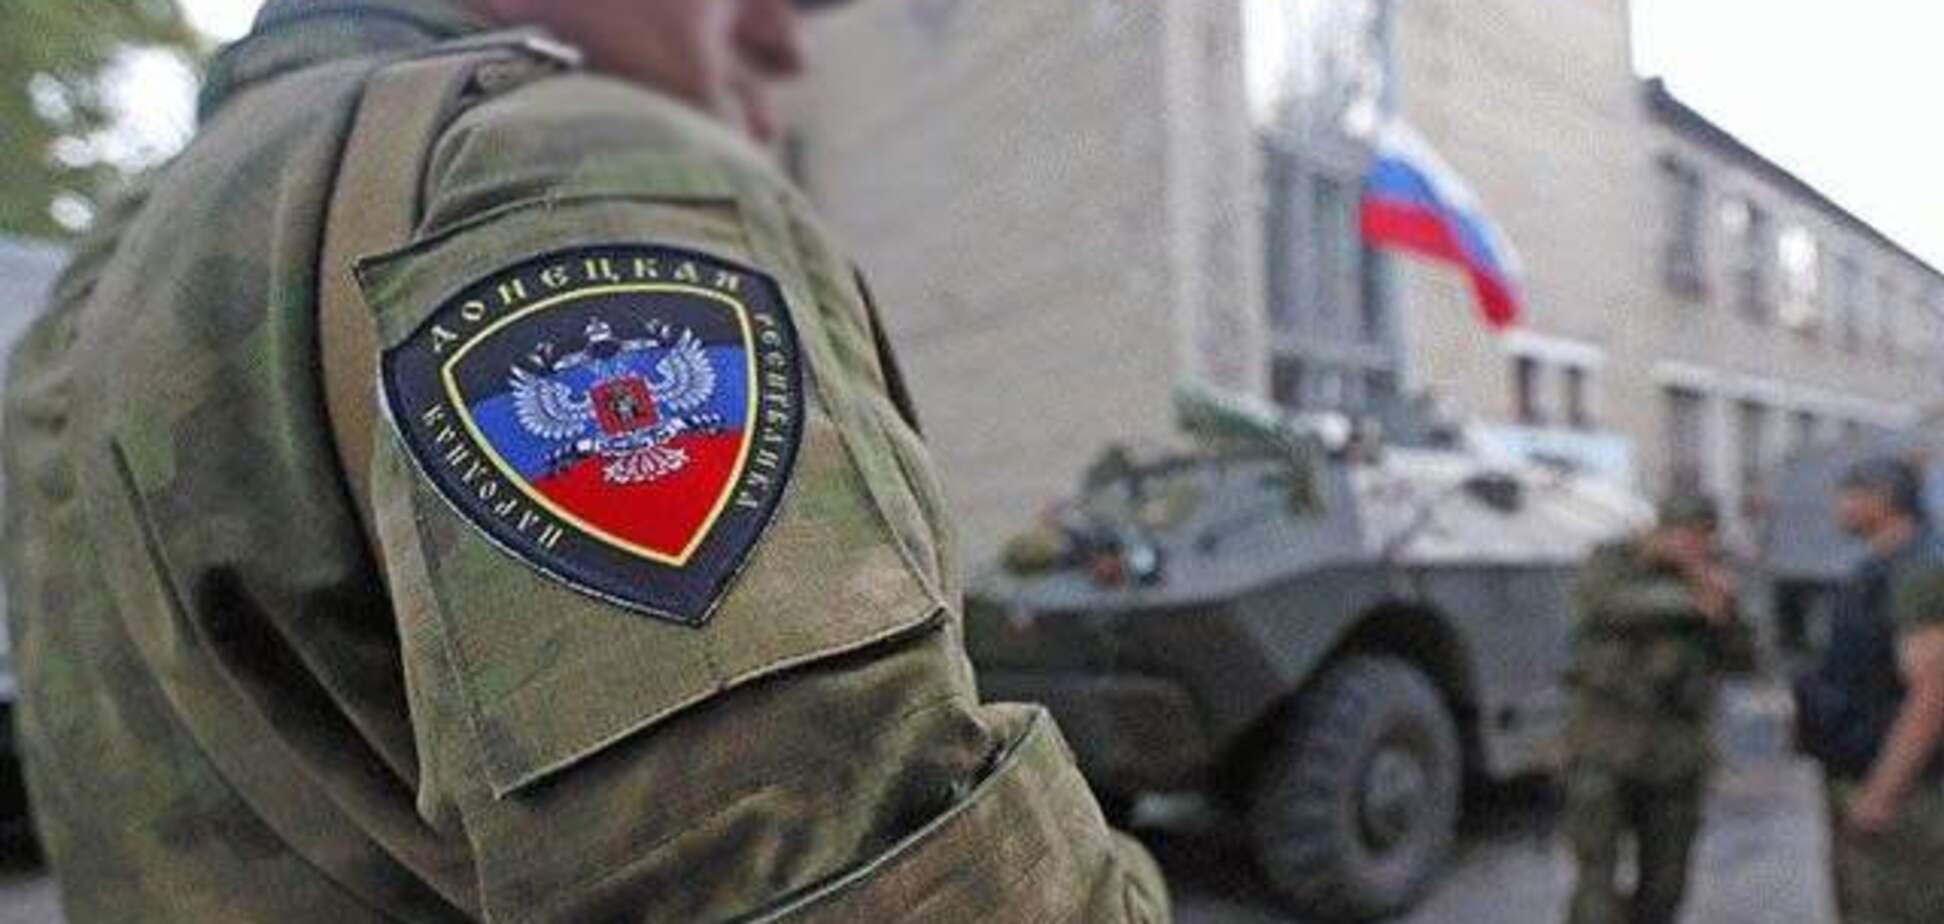 Війська терористів 'ДНР' привели у підвищену боєготовність: названа причина